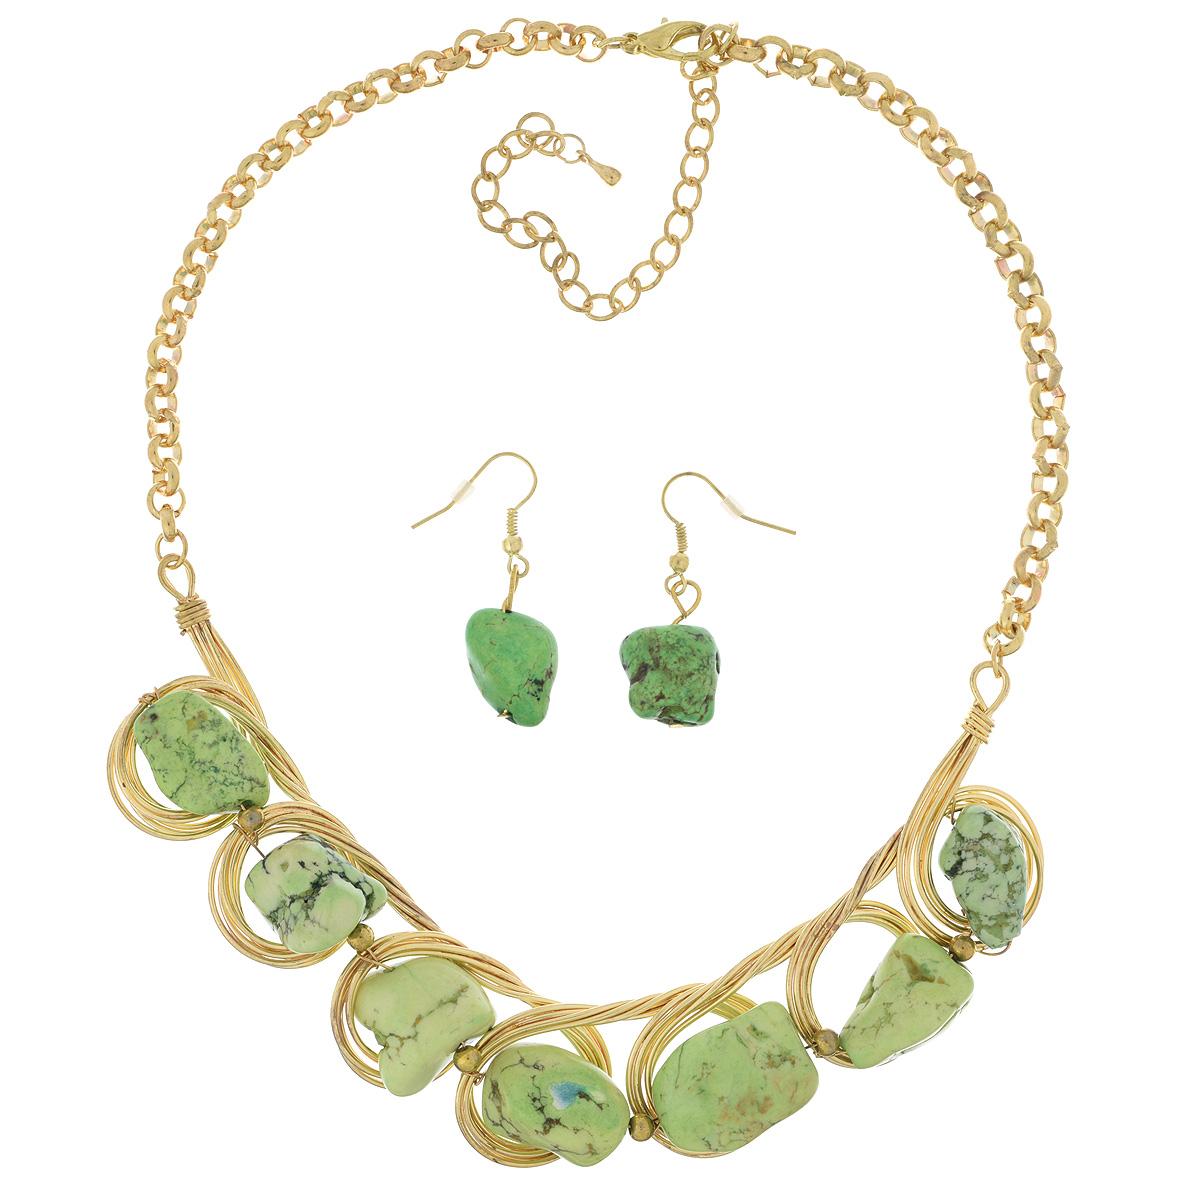 Комплект бижутерии Avgad: колье, серьги, цвет: золотистый, зеленый. H-477S809